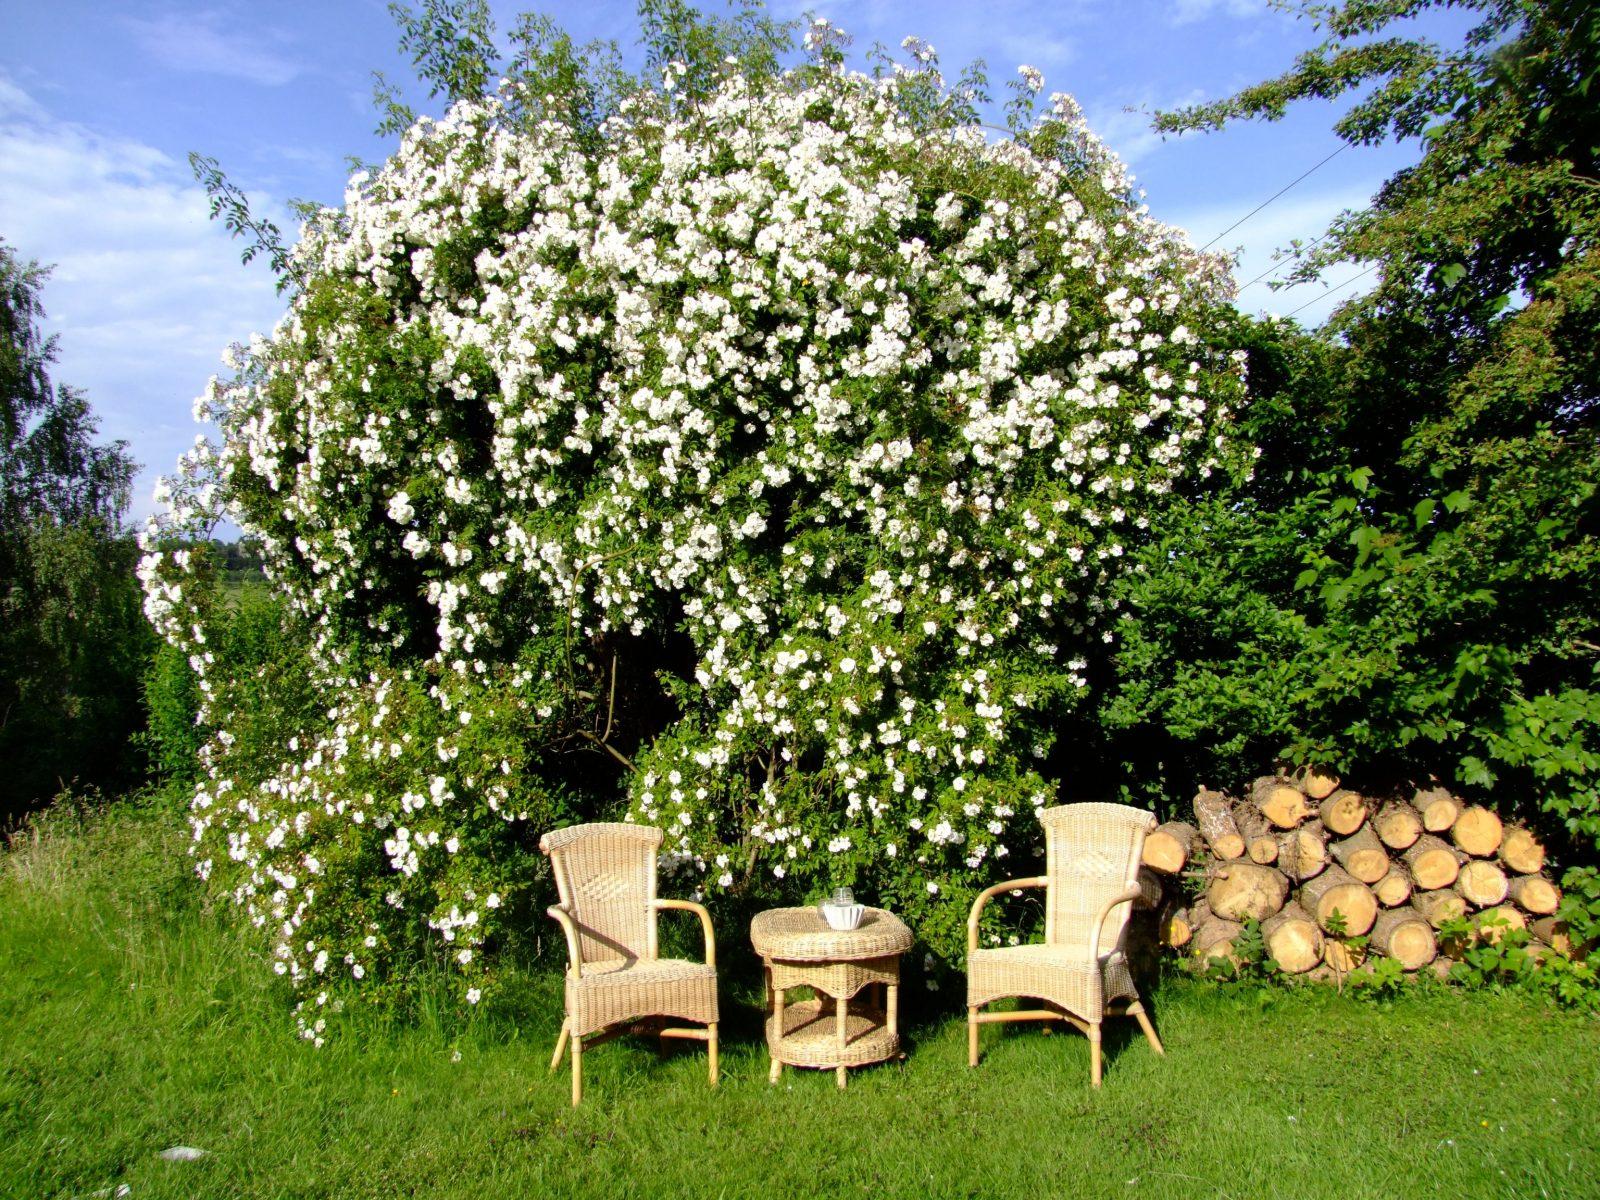 Garten Sitzecke Gestalten Ideen Für Kleine  Große Gärten von Sitzecken Im Garten Bilder Photo